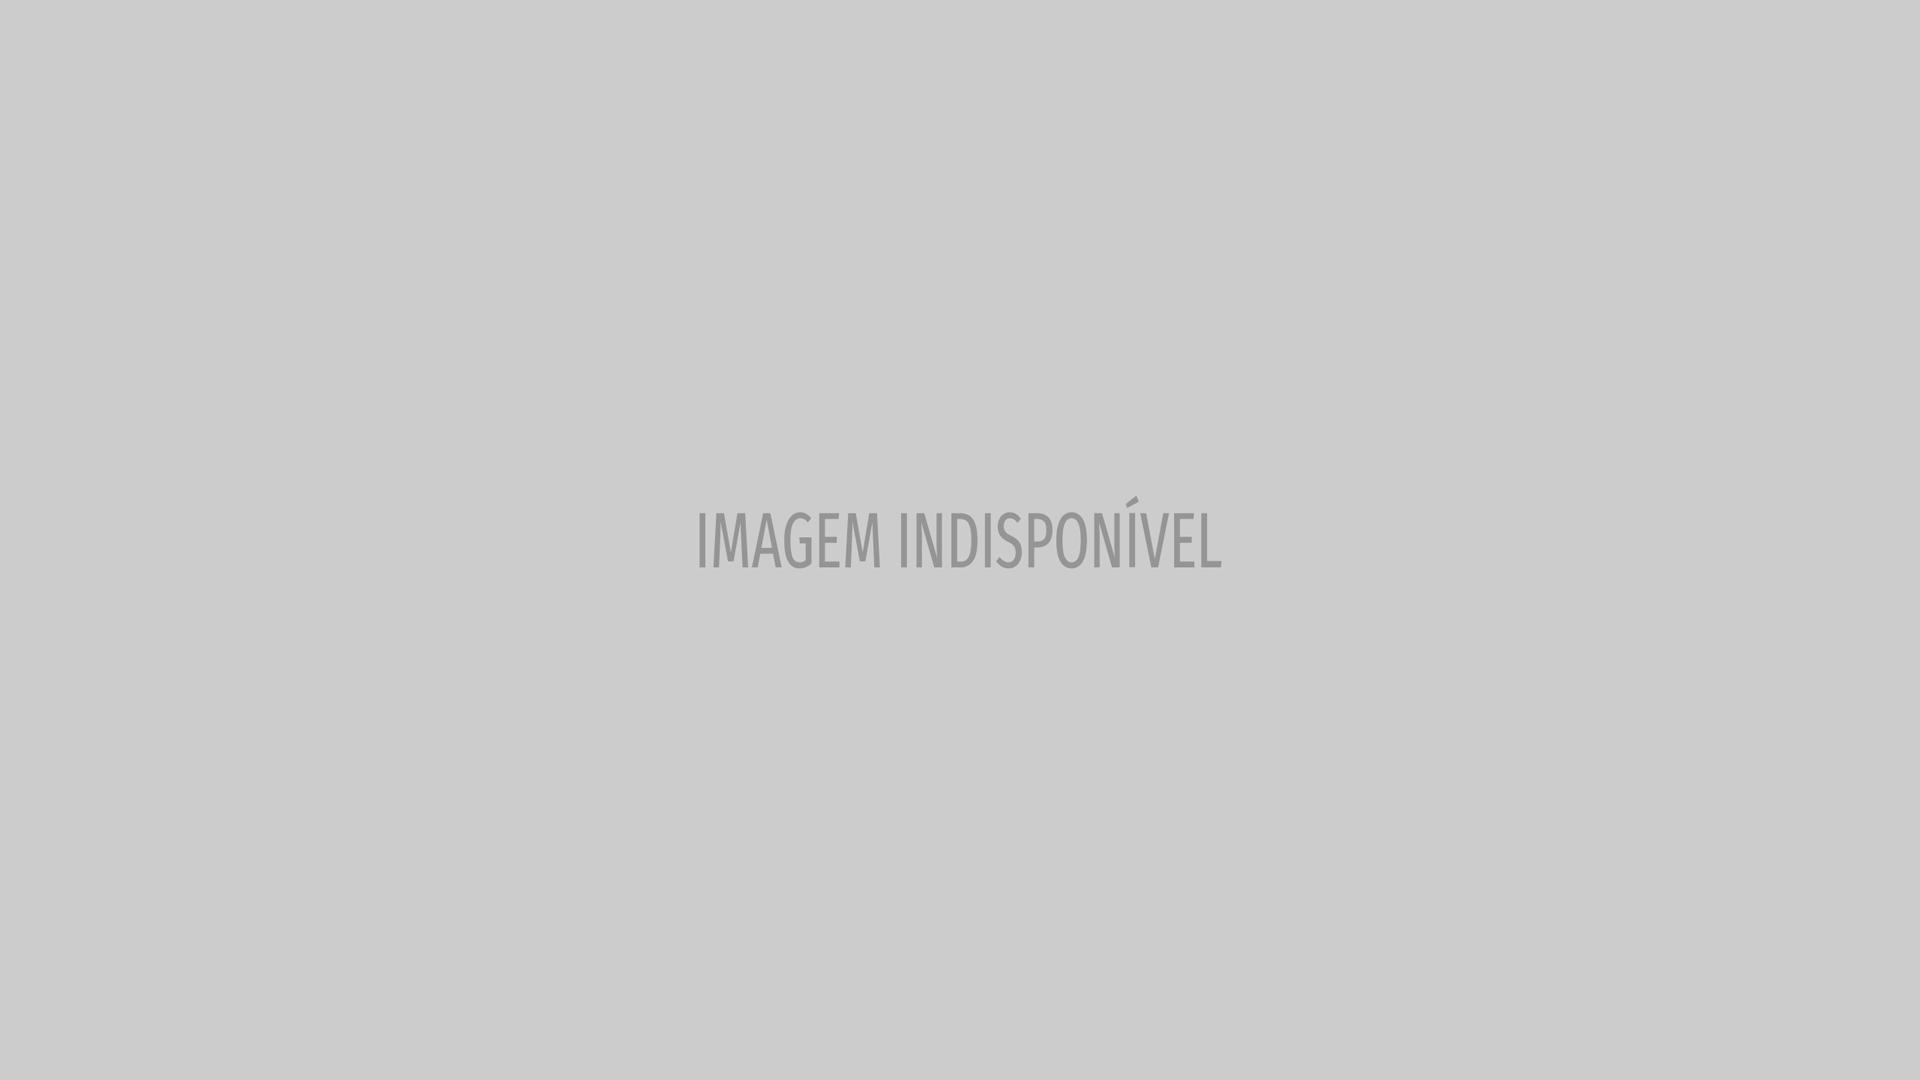 Kendall diz se inspirar em Gisele e solta:  'Adoro mostrar os seios'